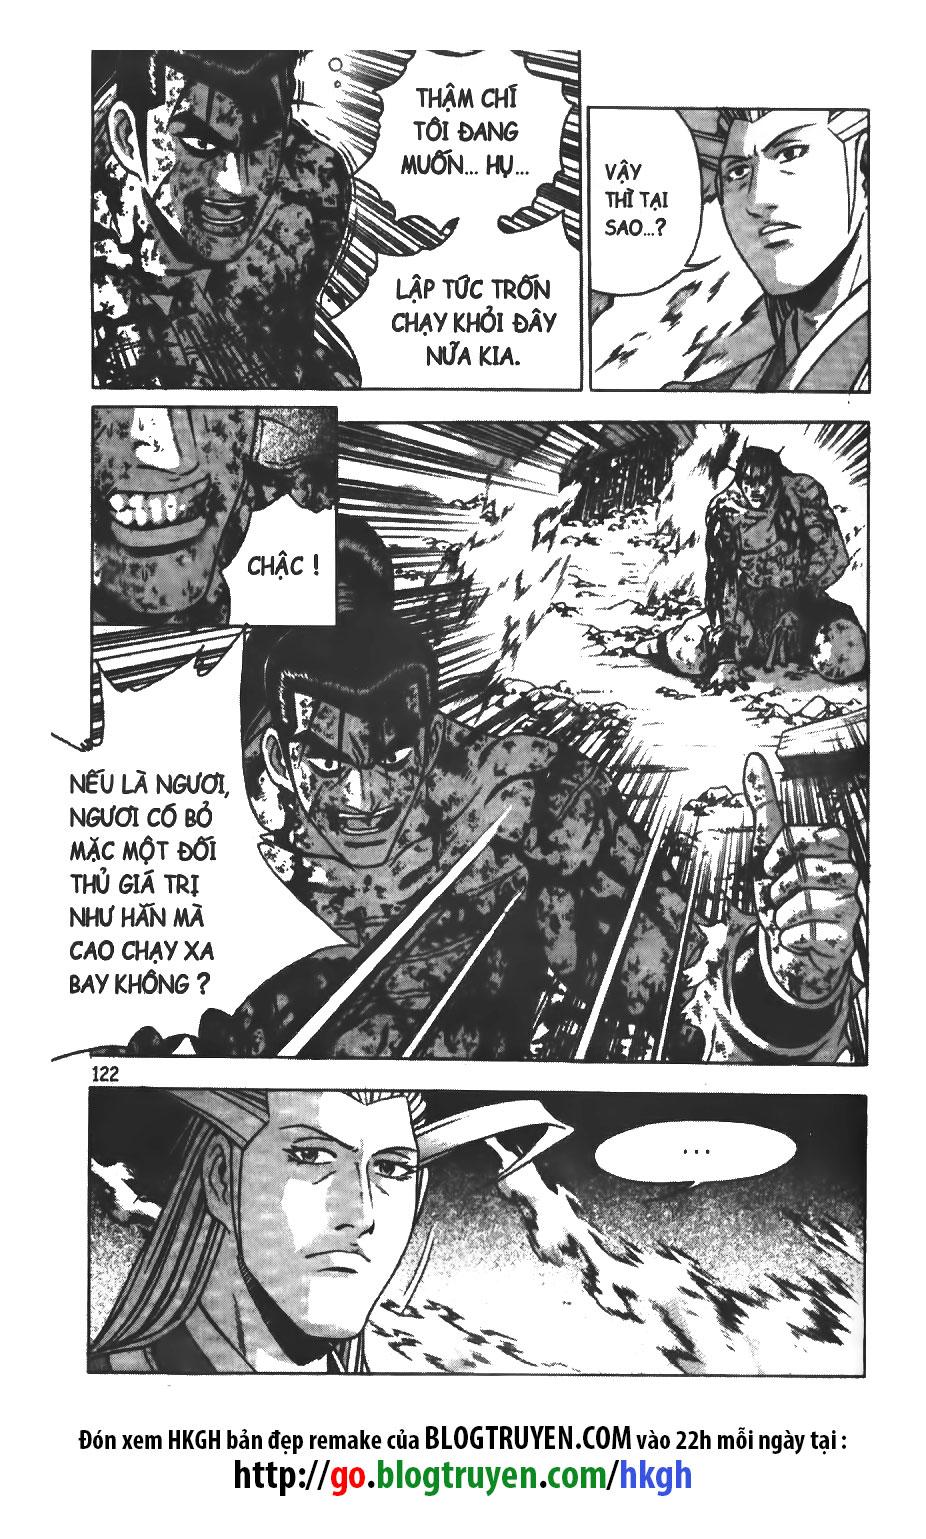 xem truyen moi - Hiệp Khách Giang Hồ Vol32 - Chap 219 - Remake